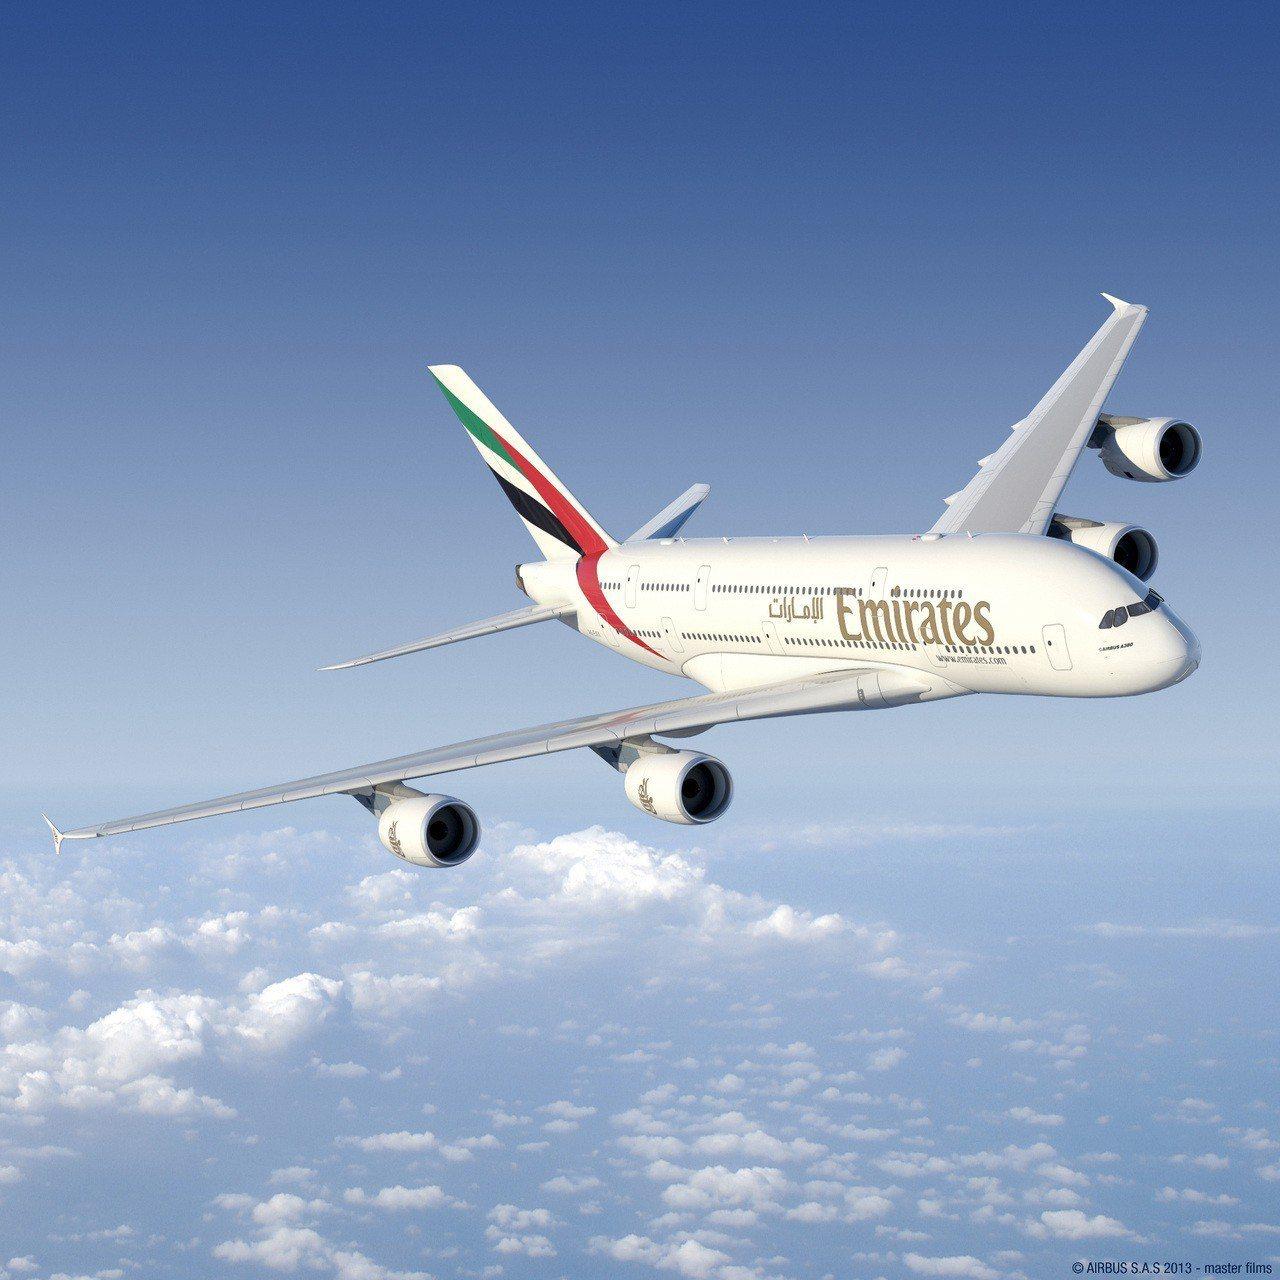 想去歐洲旅遊嗎?現在有超級優惠機票可以搶購。阿聯酋航空於2019年伊始就推出特惠...